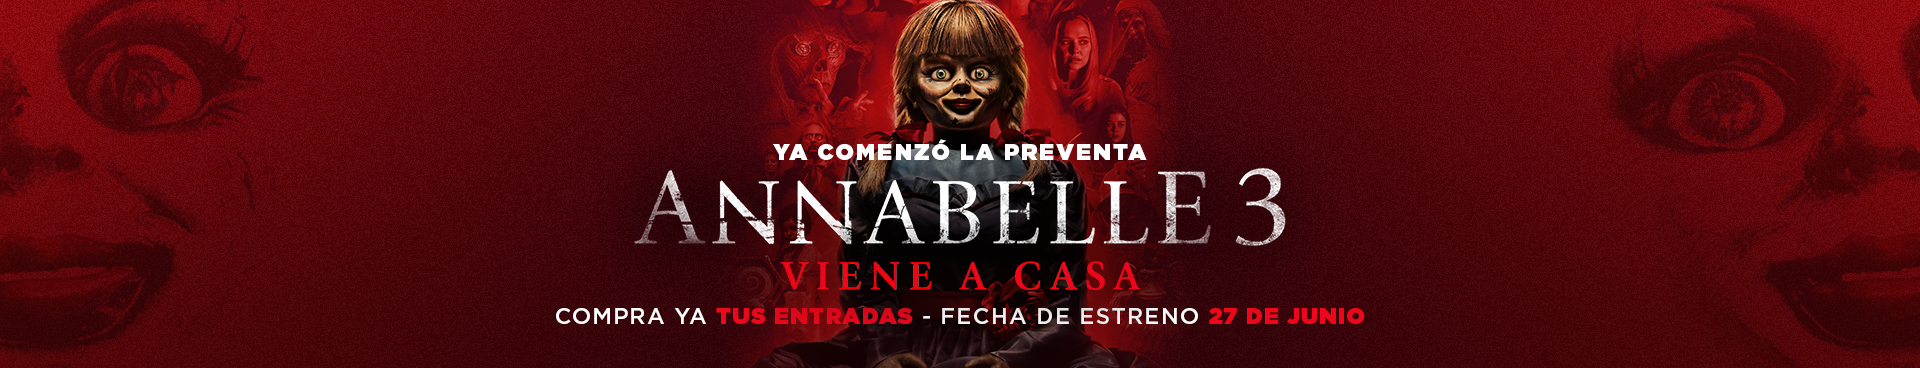 YA COMENZO LA PREVENTA  ANNABELLE: VIENE A CASA, COMPRA YA TUS ENTRADAS, FECHA DE ESTRENO 27 DE JUNIO